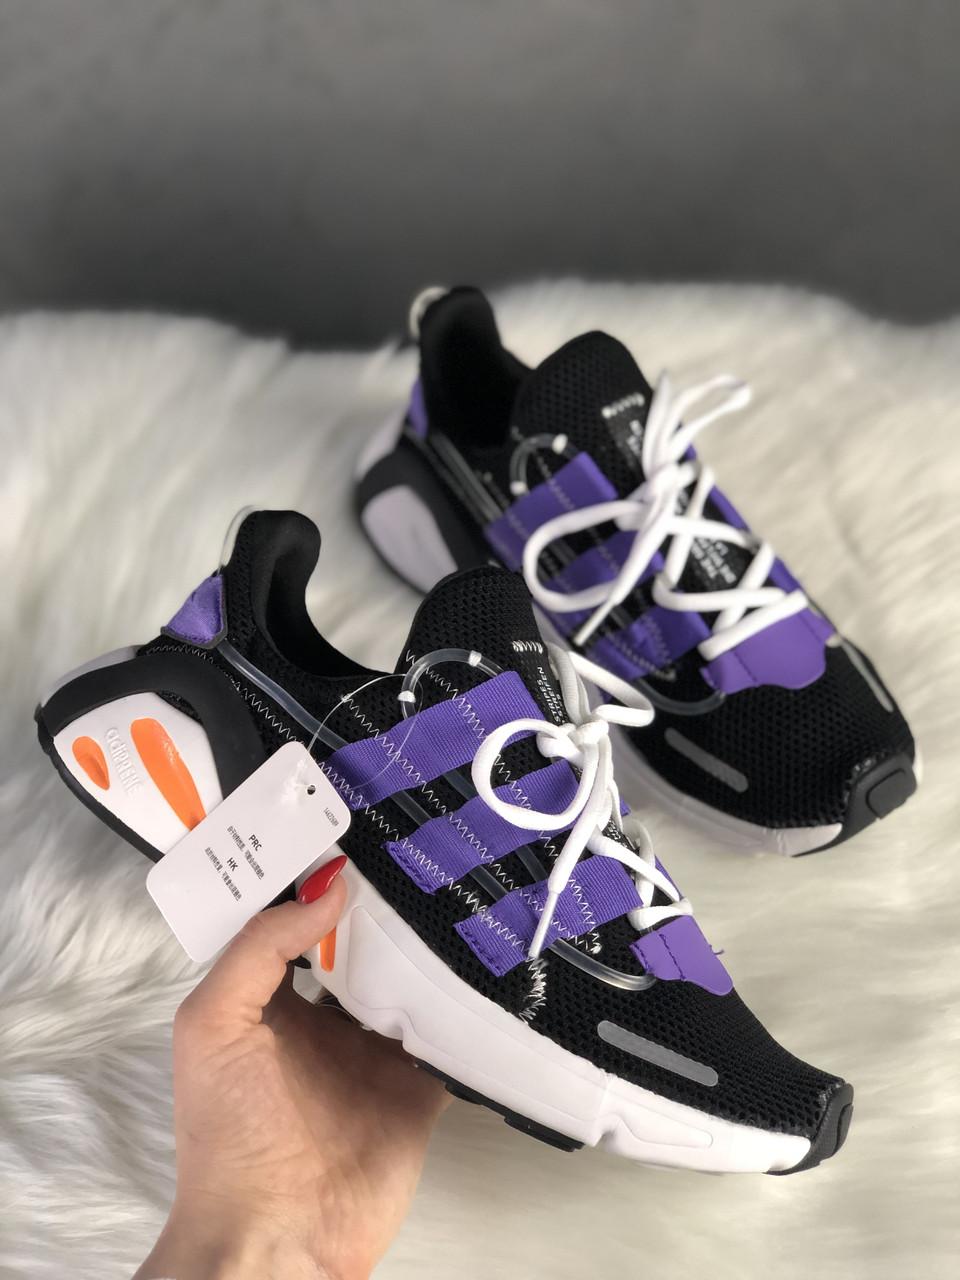 c8f772f2 Мужские кроссовки Adidas Yeezy 600 Black Purple (в стиле Адидас Изи) черные  - Мультибрендовый